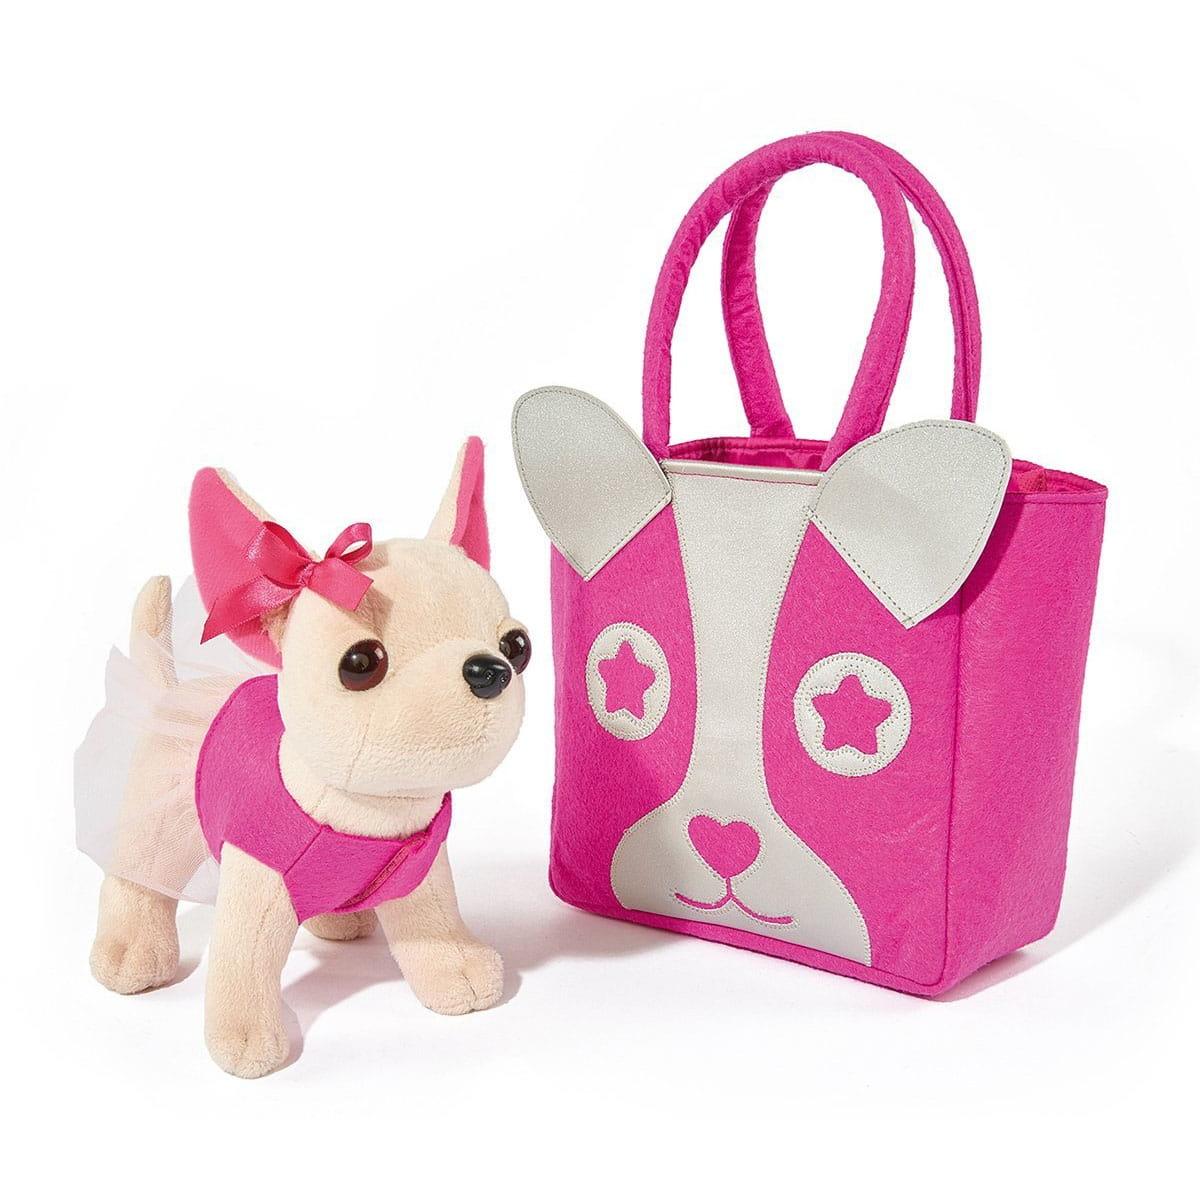 Плюшевая собачка Chi Chi love Чихуахуа с розовой сумкой  20 см (SIMBA) - Игровые наборы для девочек